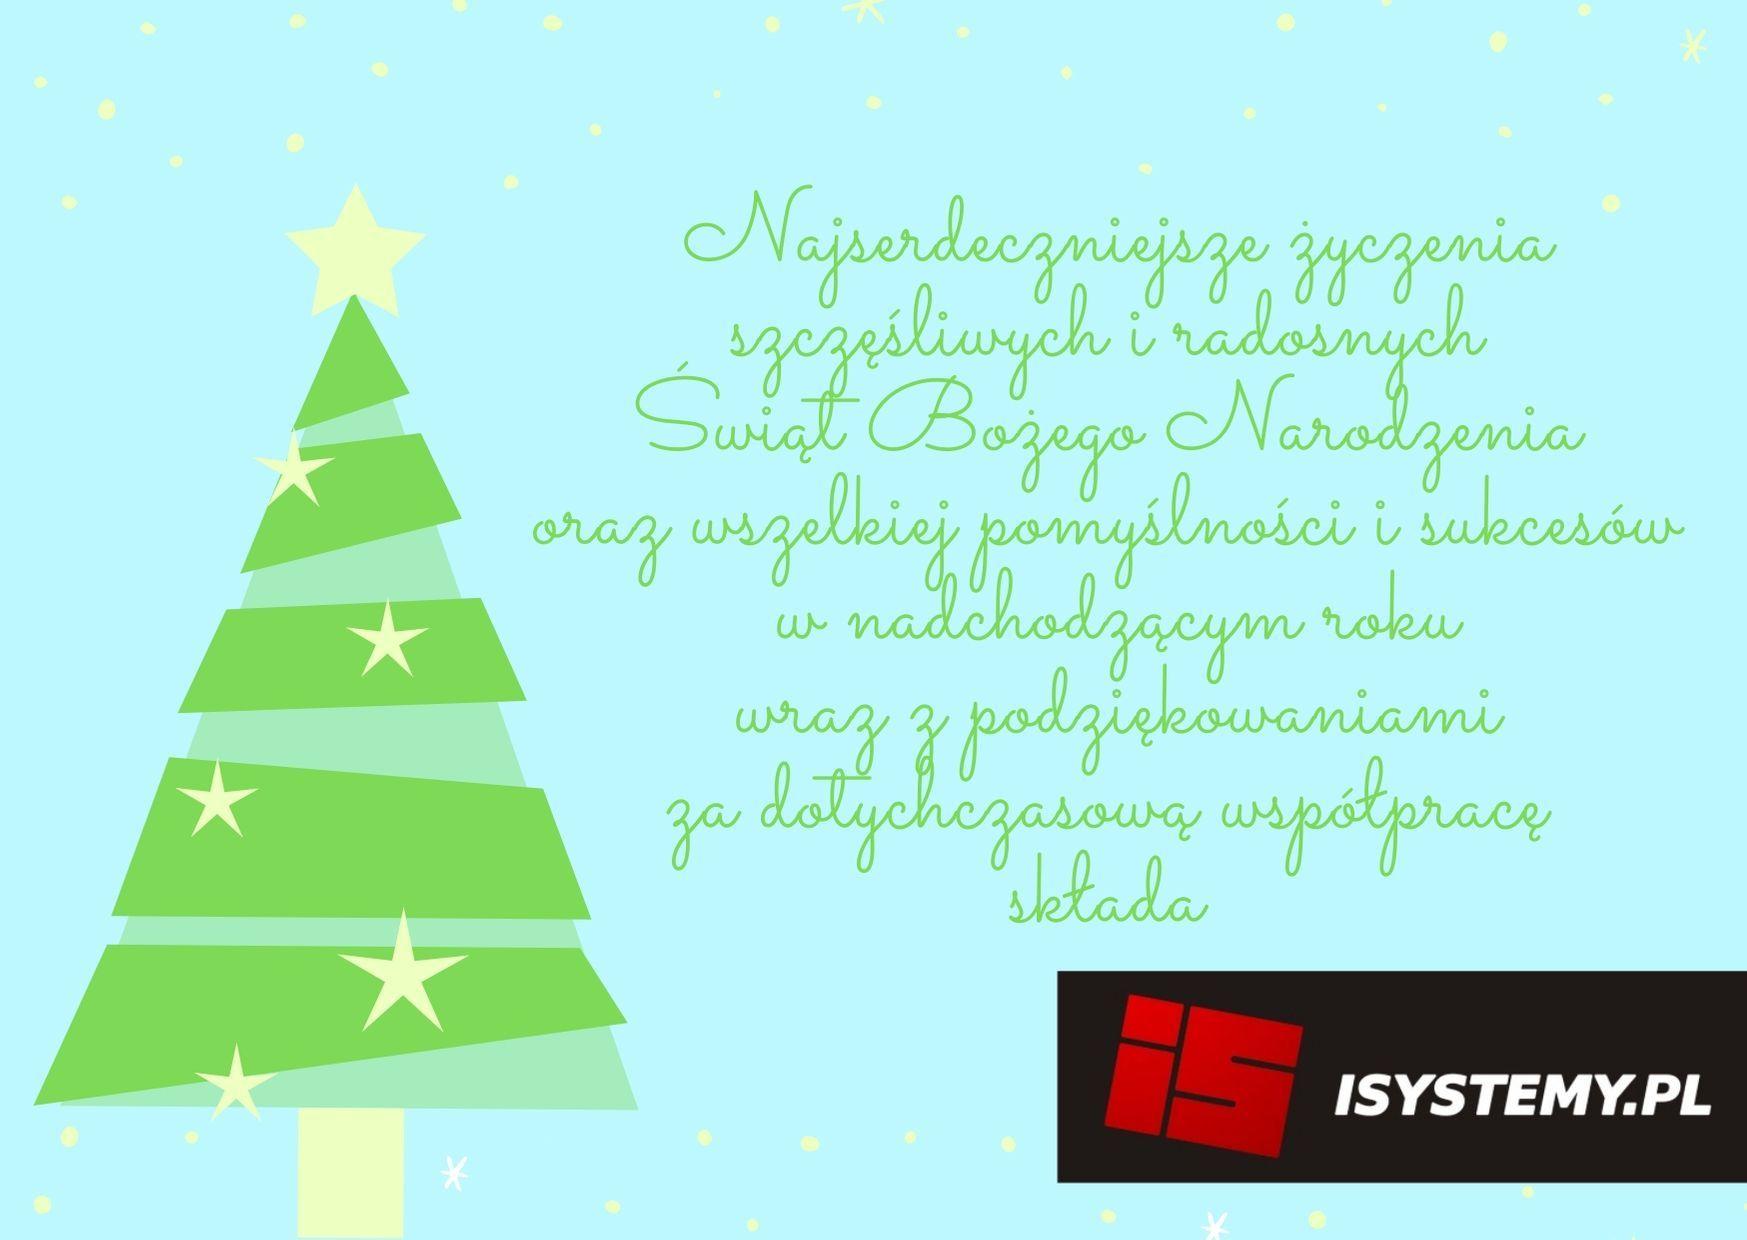 Życzenia od ISYSTEMY.PL